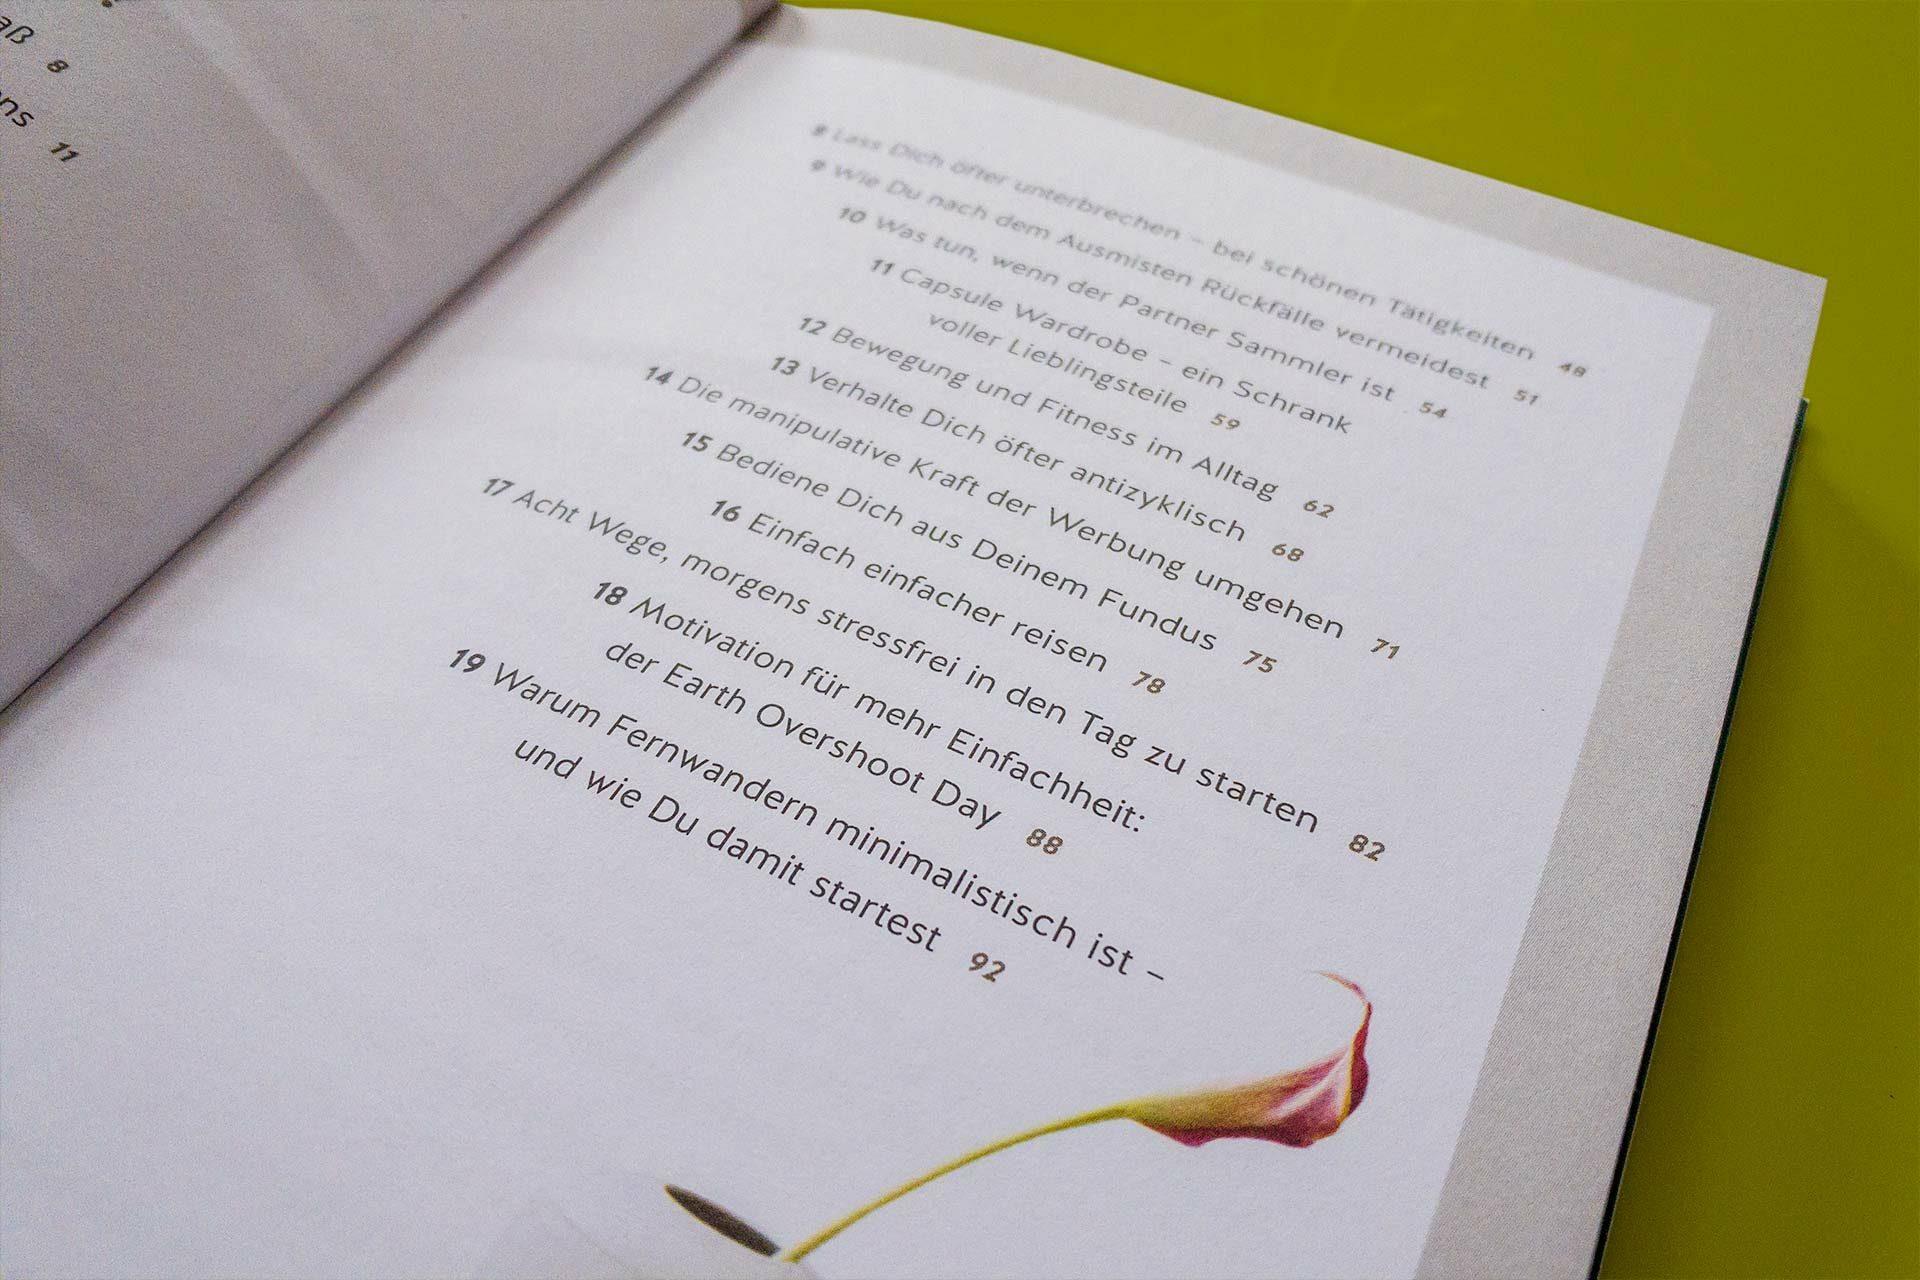 Inhaltsverzeichnis des Minimalismus Buch von Christof Herrmann